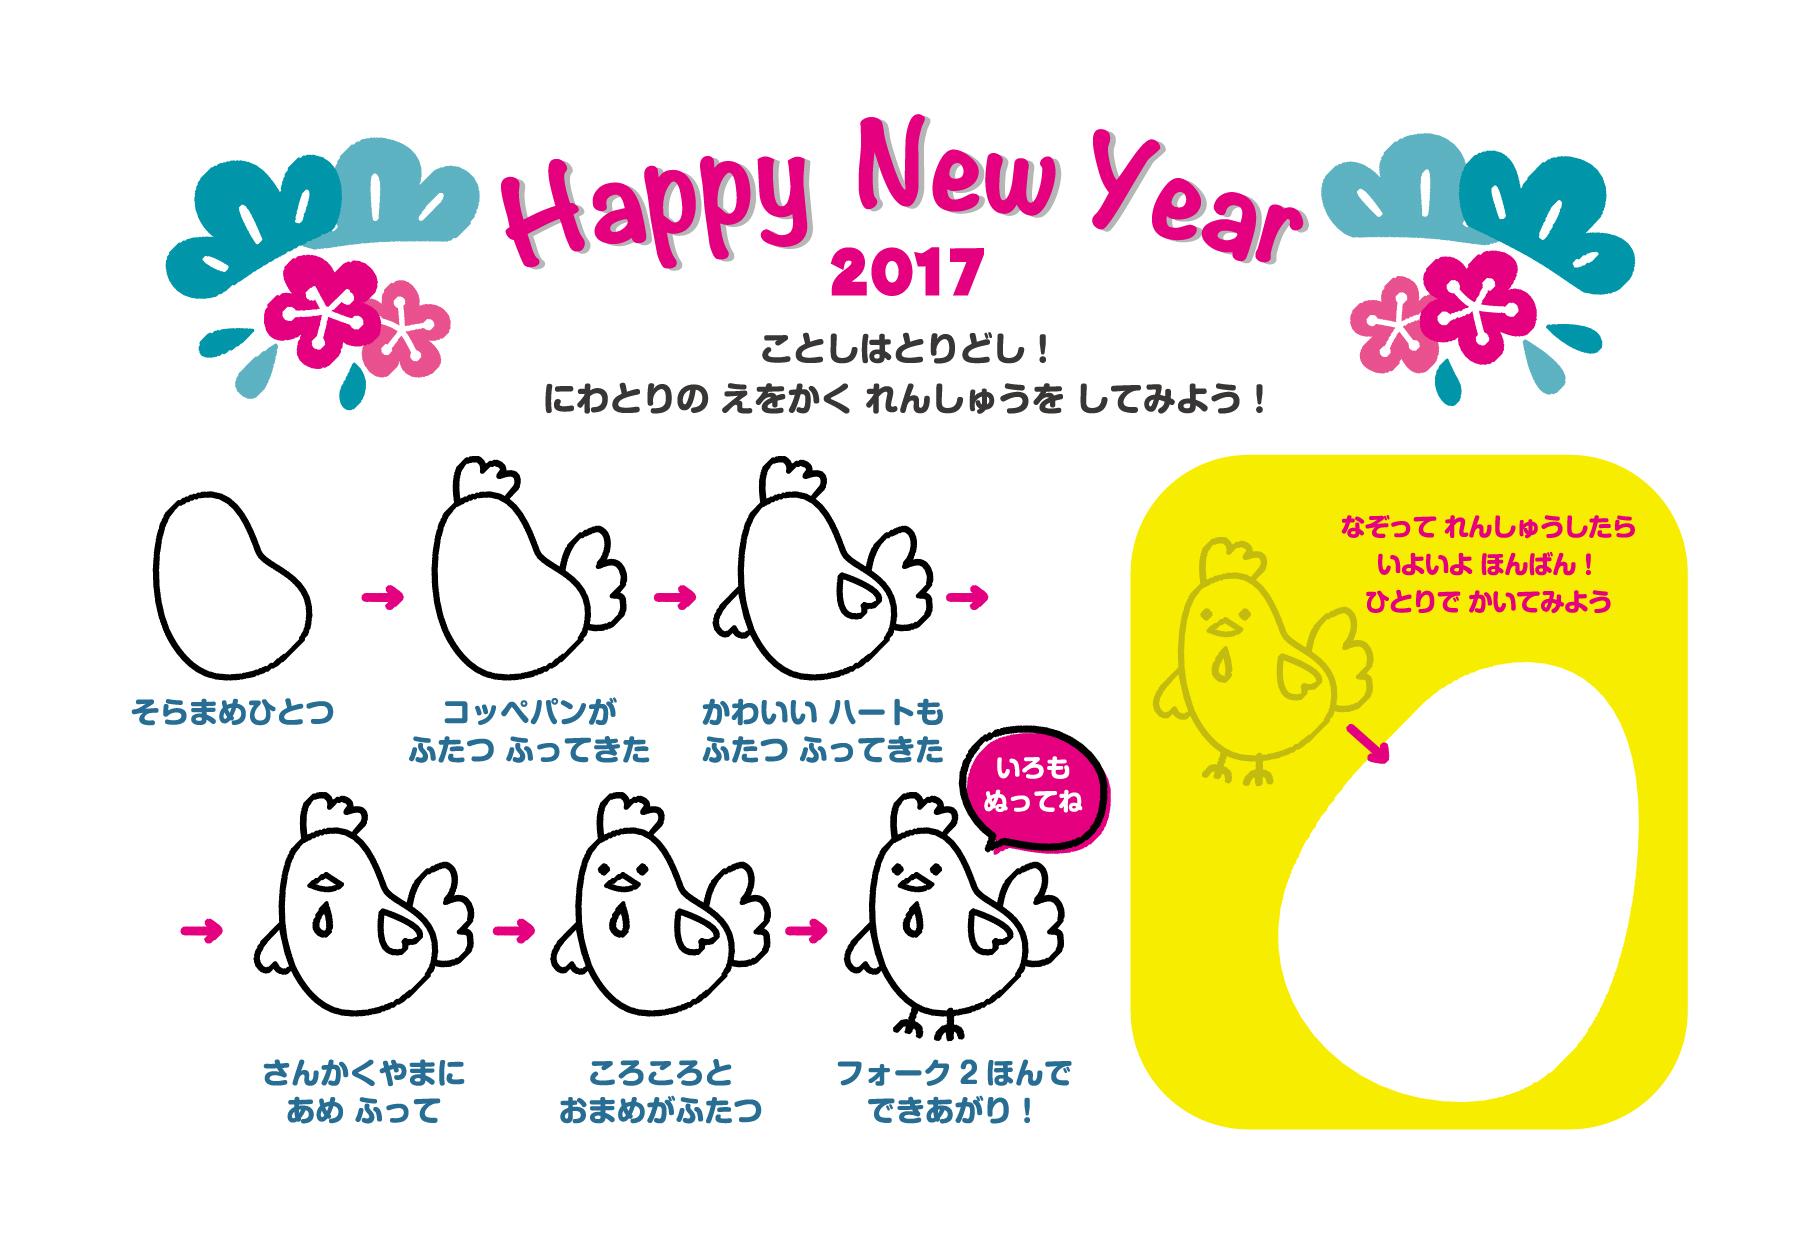 2017年賀状 かわいい鶏の絵かき歌 無料テンプレート素材|子ども年賀状